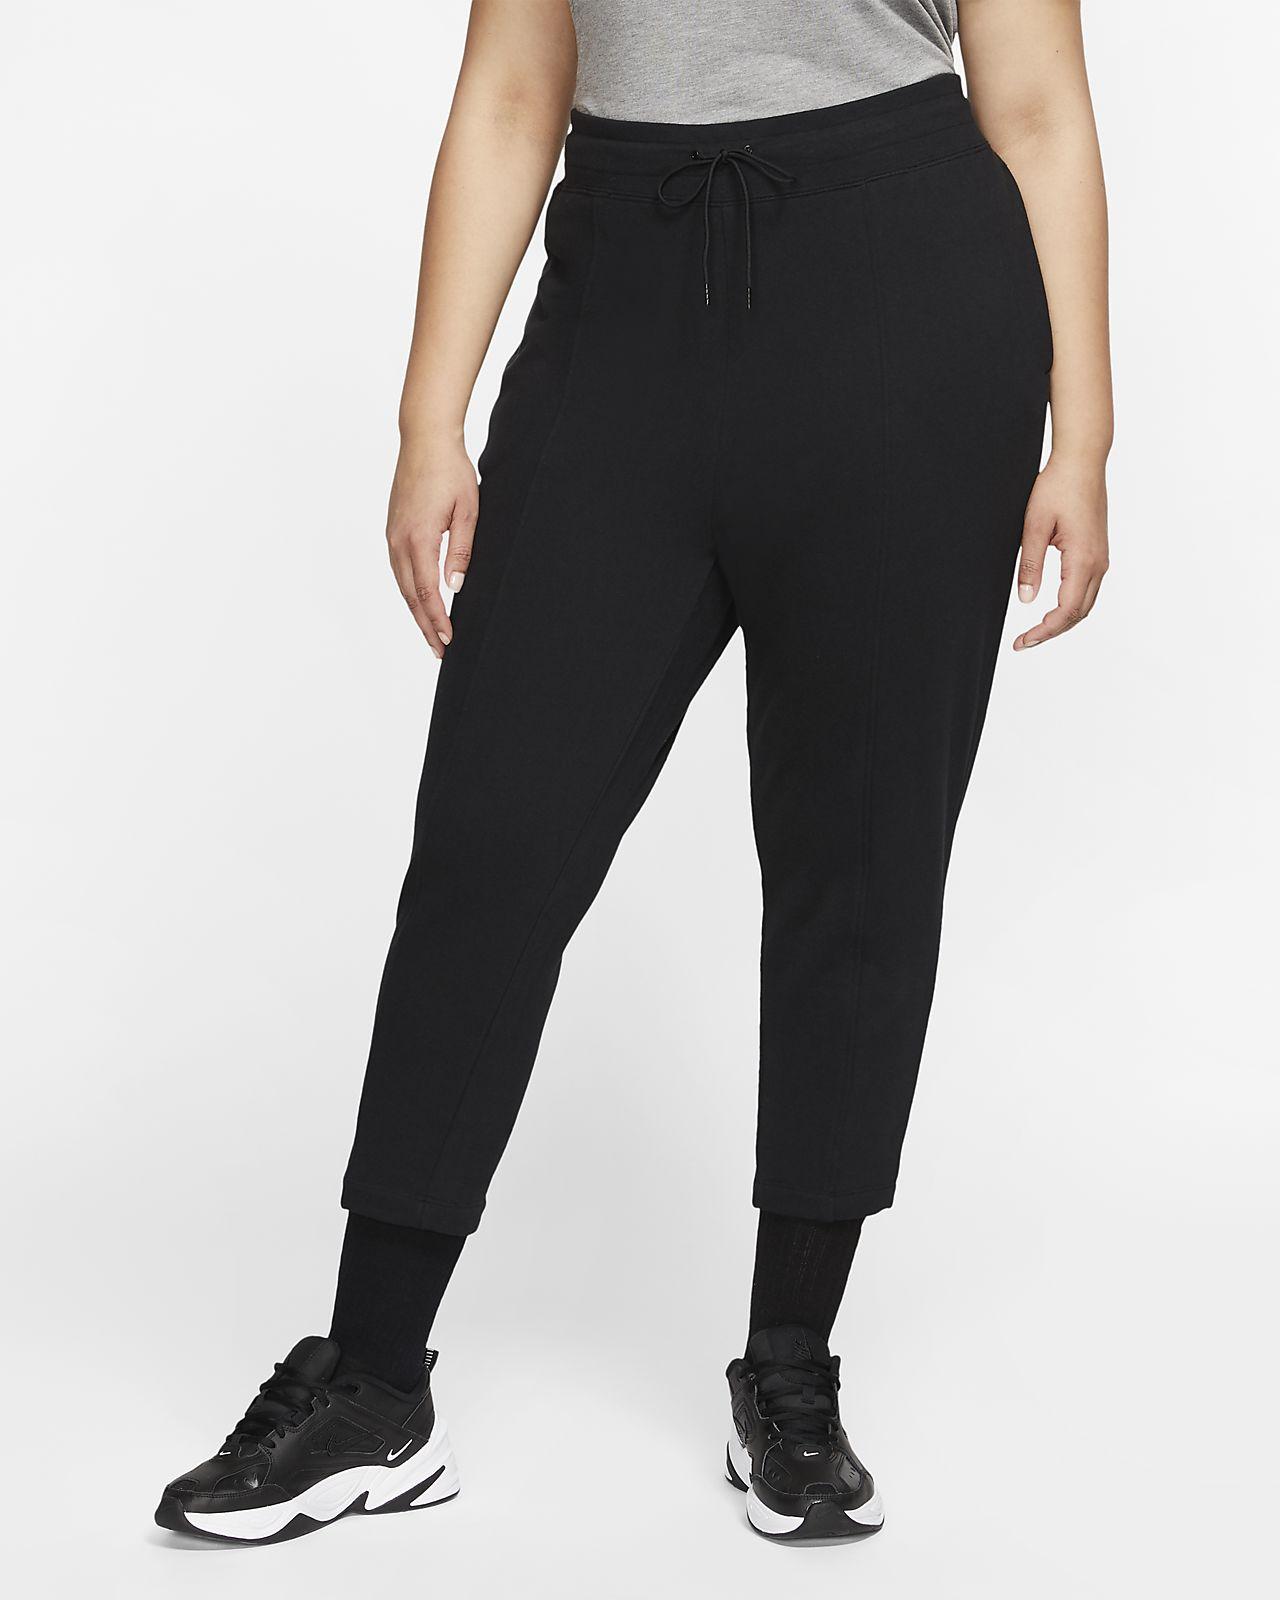 Nike Sportswear Swoosh Women's French Terry Trousers (Plus Size)